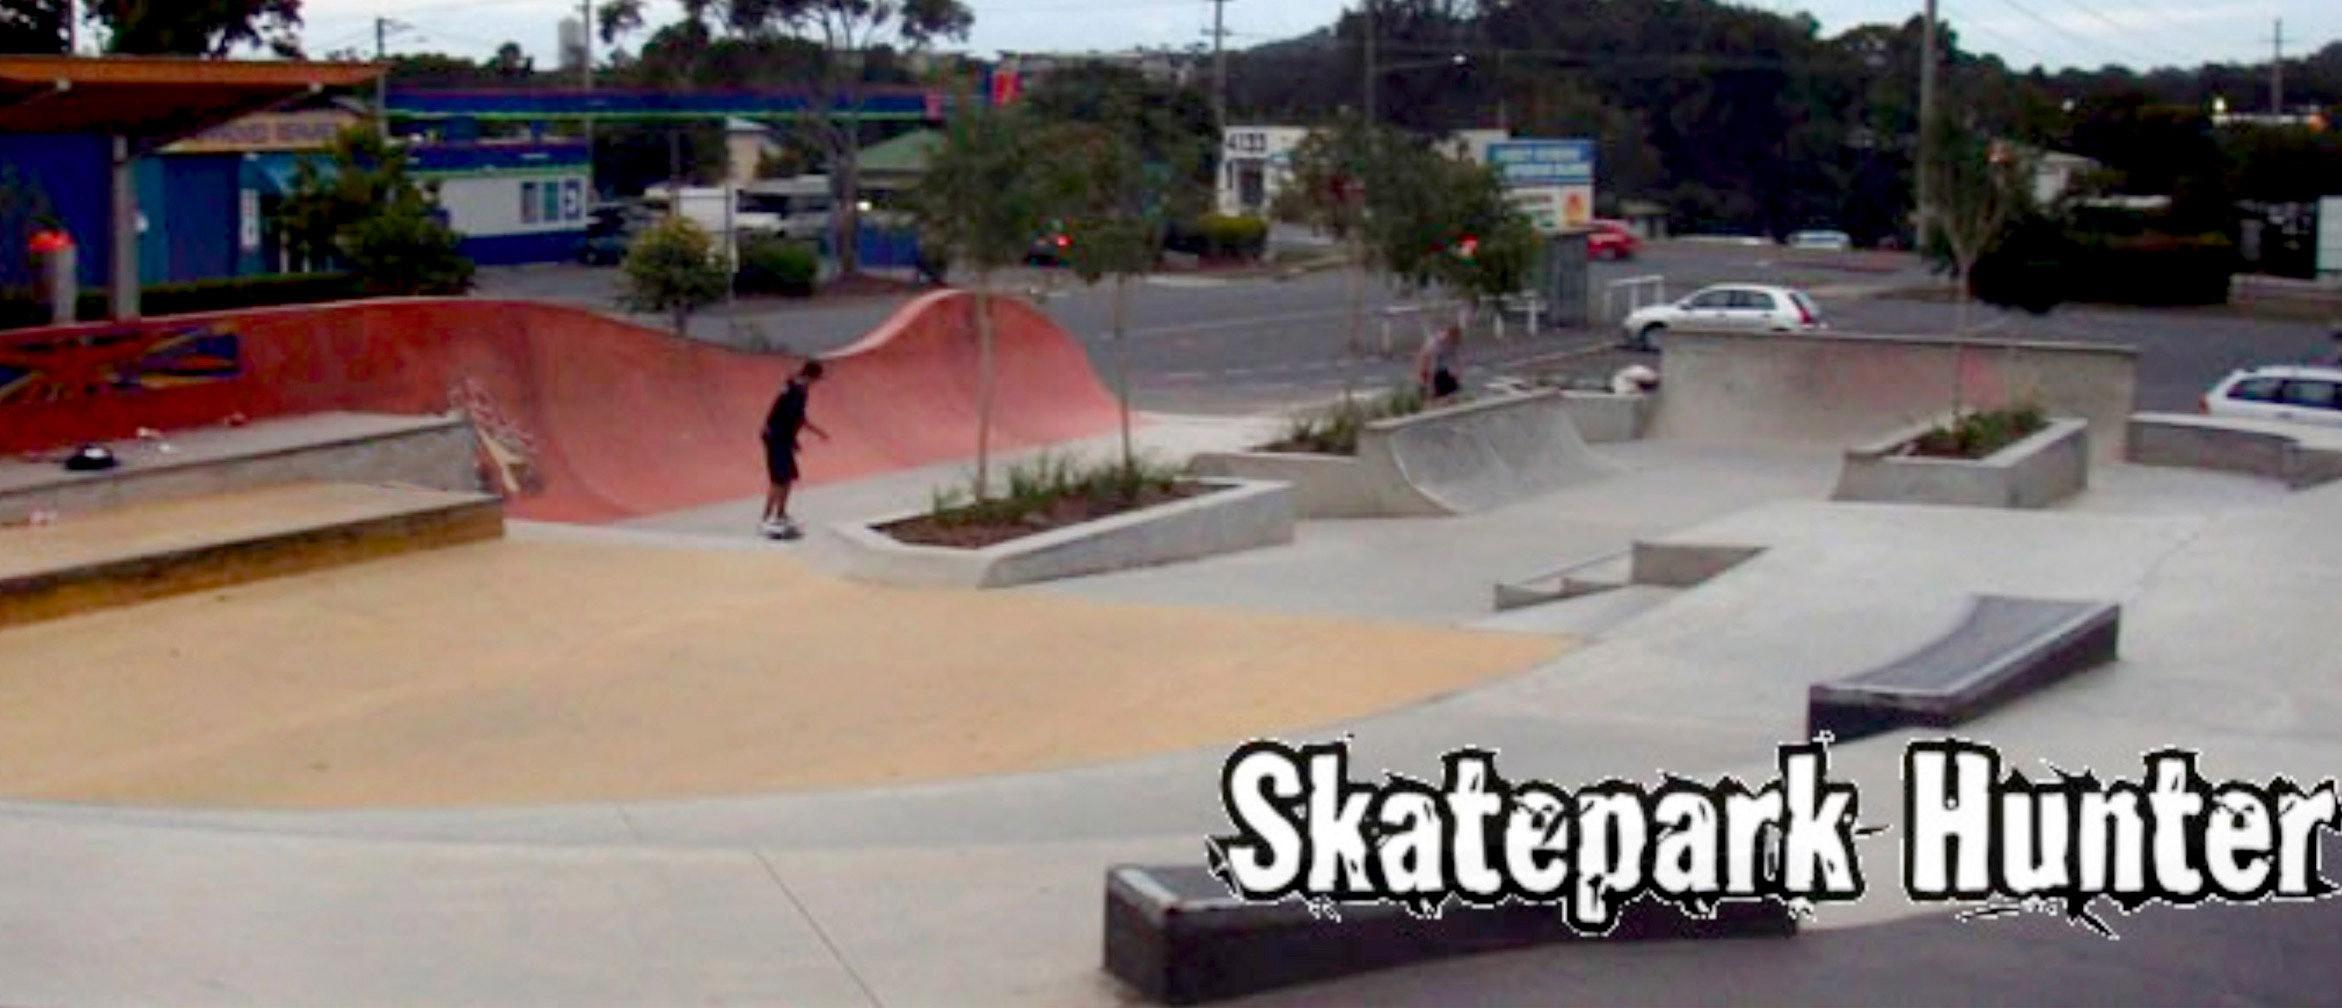 Varsity skate park hybrid section